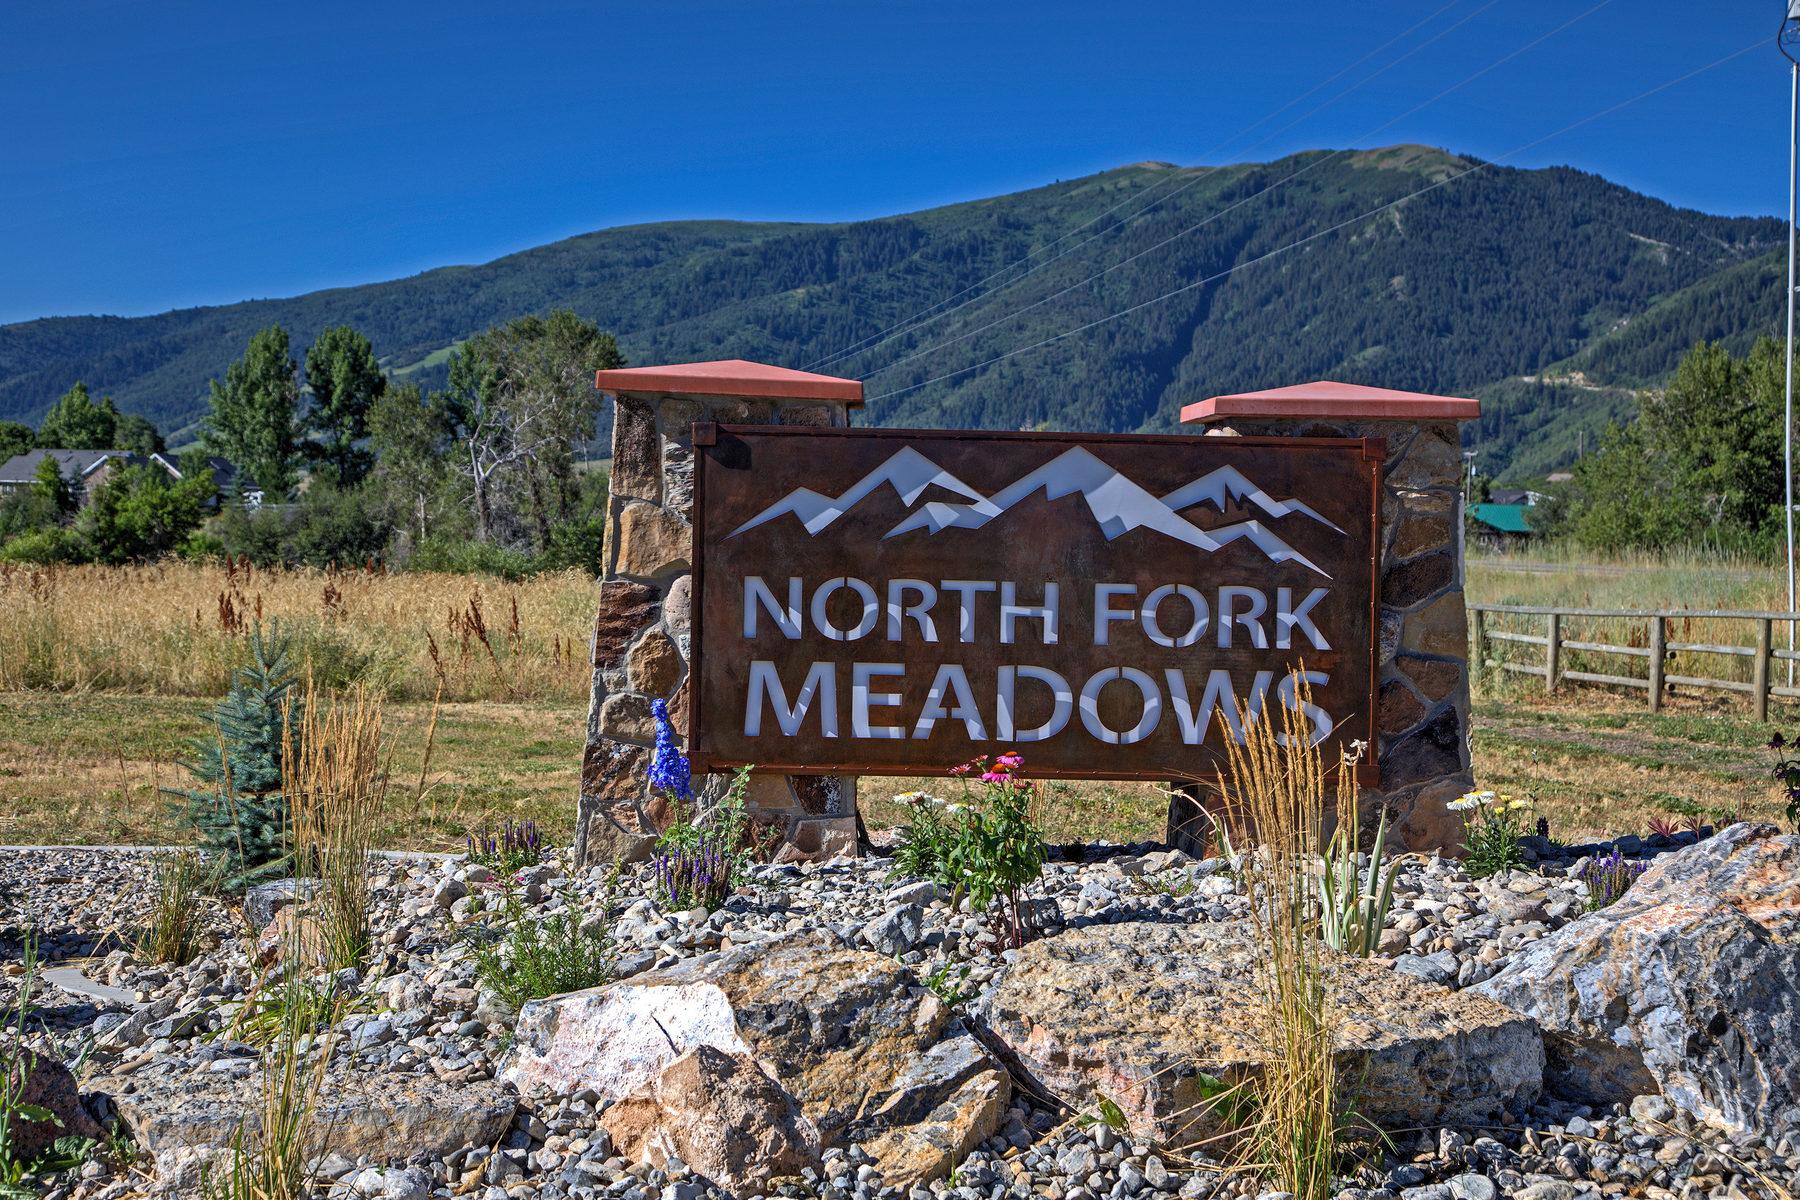 Terreno por un Venta en Build Your Dream Home in Eden Utah 3177 East 5225 North Lot 10 Eden, Utah, 84310 Estados Unidos